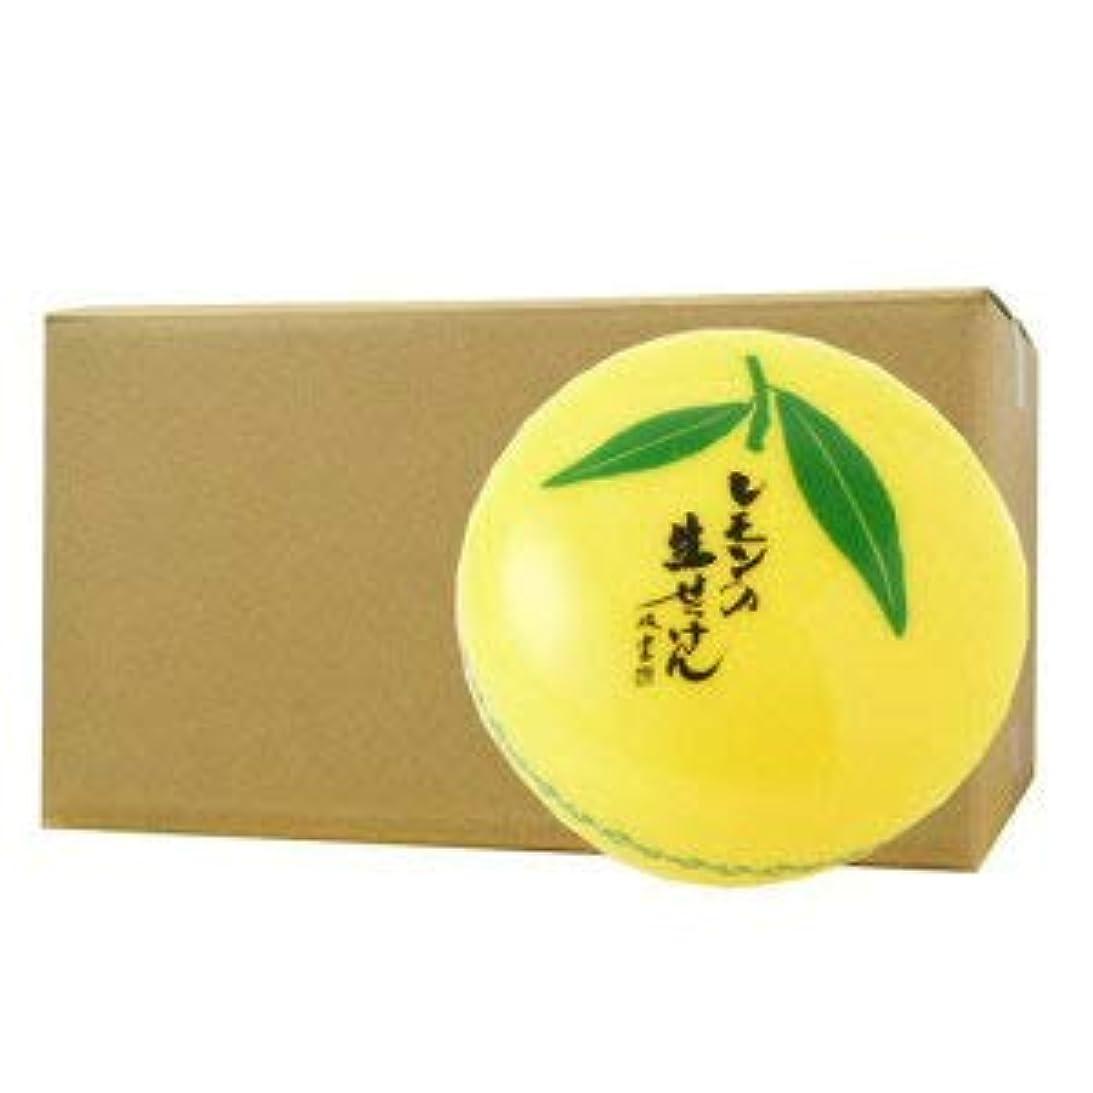 一瞬溶岩パンUYEKI美香柑レモンの生せっけん50g×72個セット